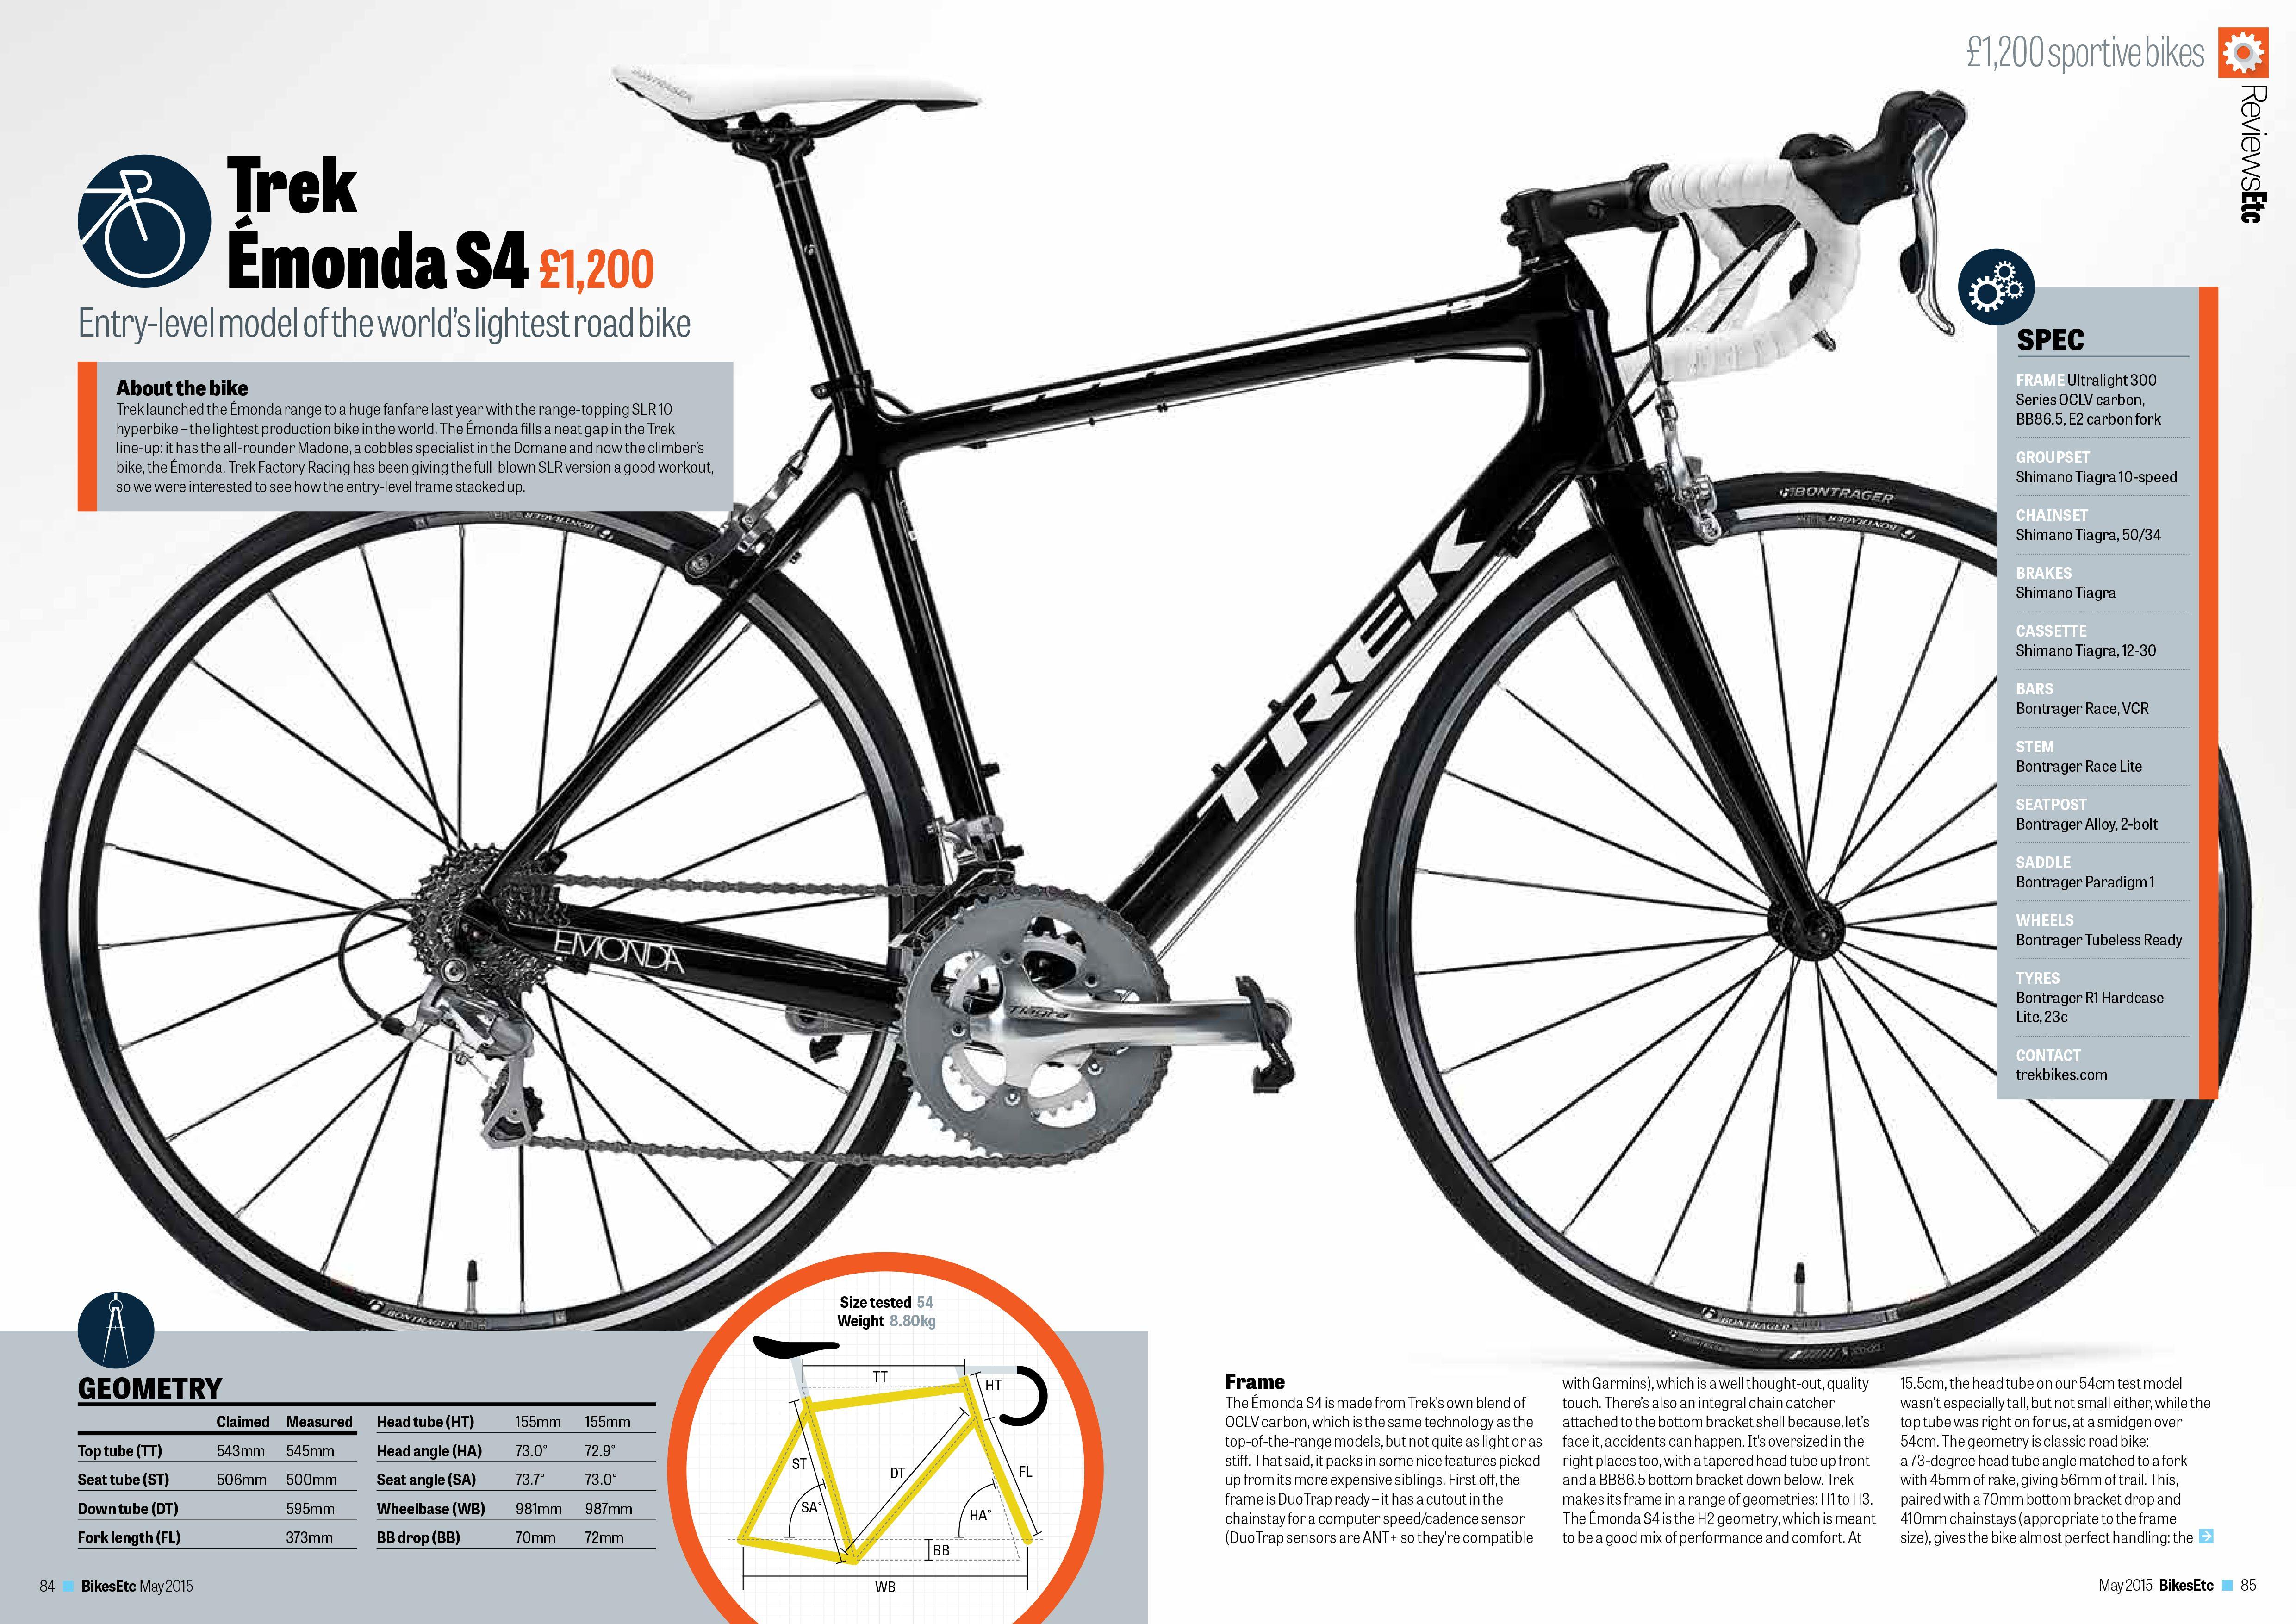 Bikesetc Magazine  May 2015 Uk  Road Bike Review  Trek Emonda S4   Cycling